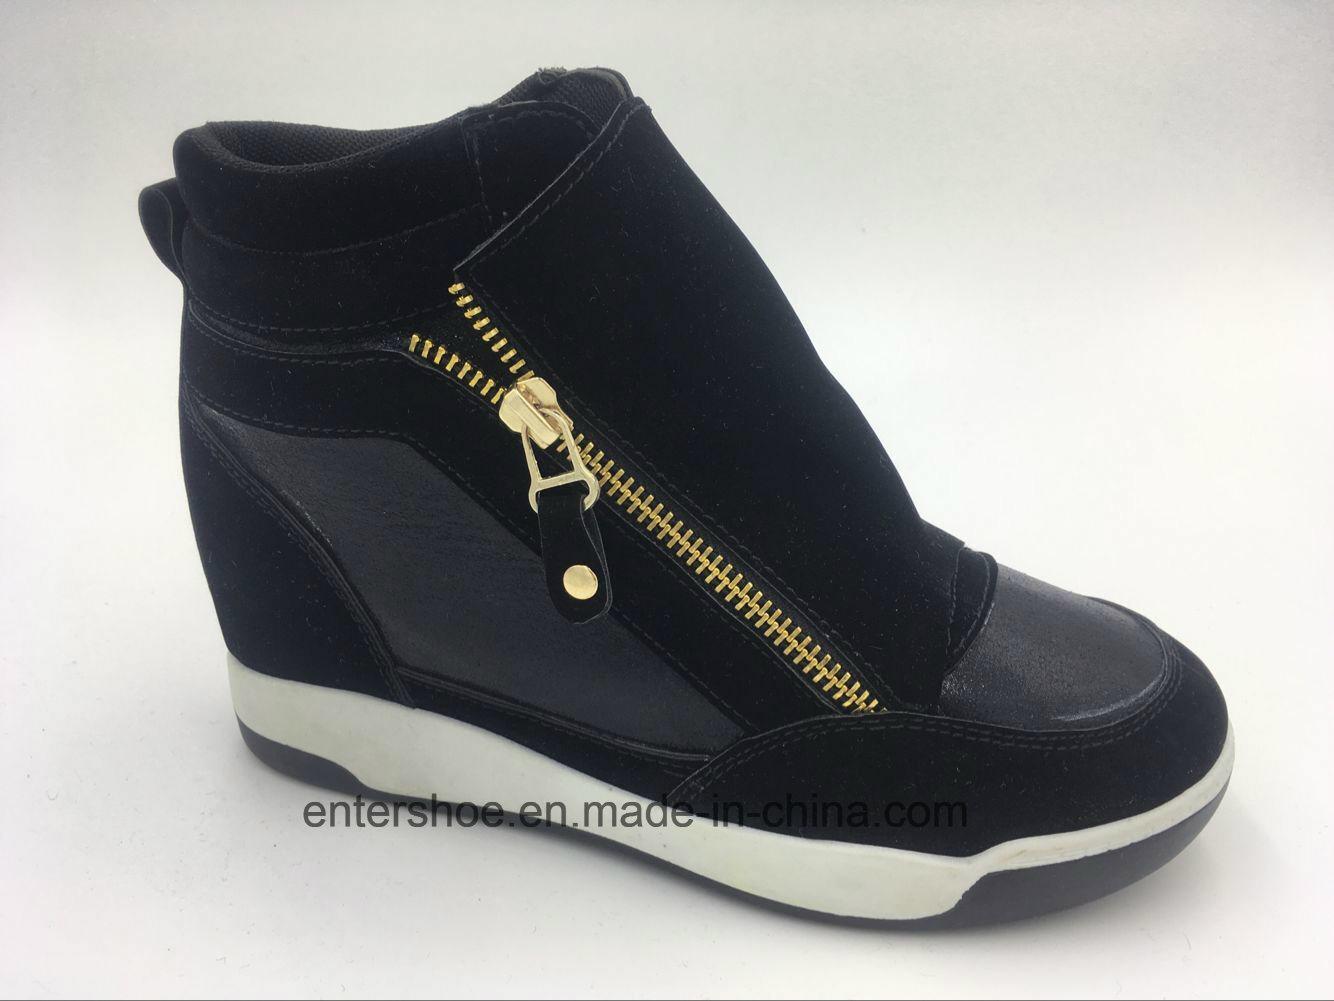 2017 New Injection Women Hidden Heel Shoes (ET-XK160219W)